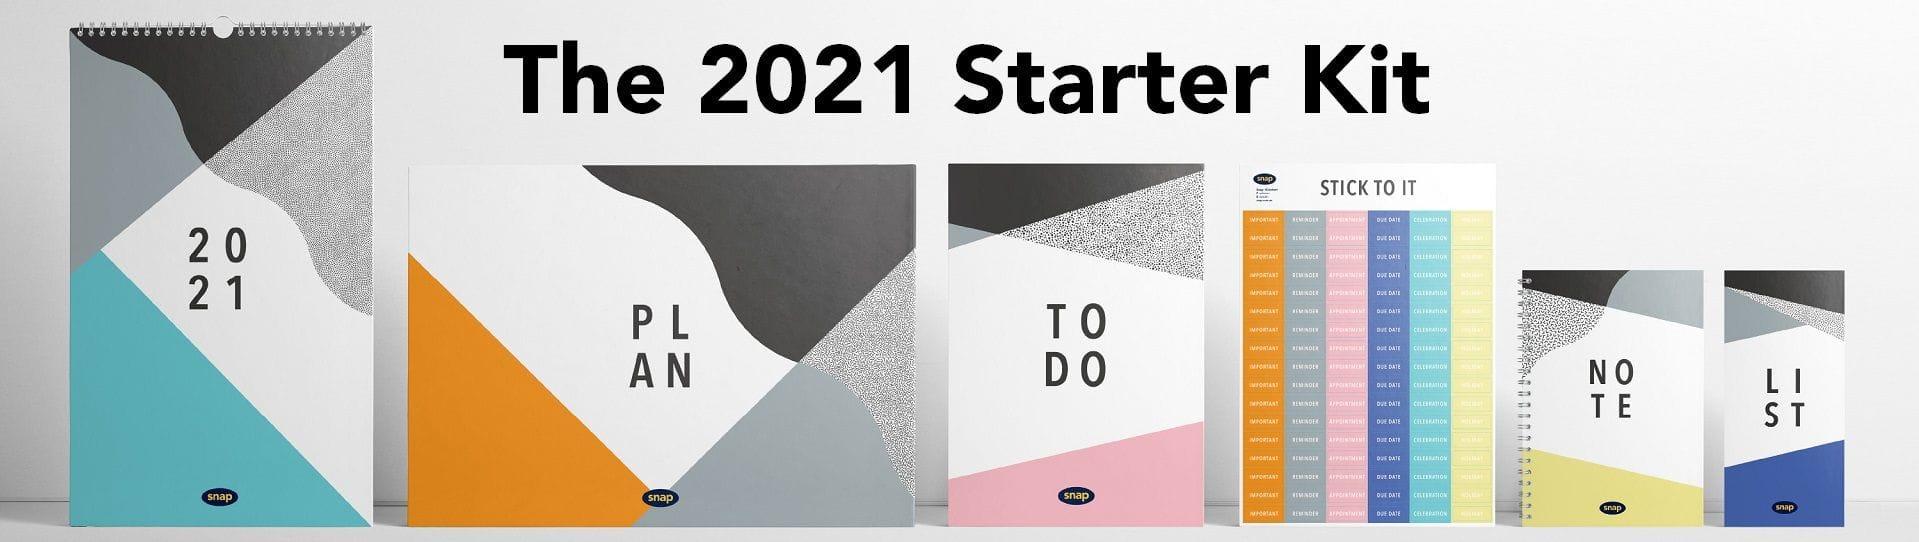 2021 Starter Kit